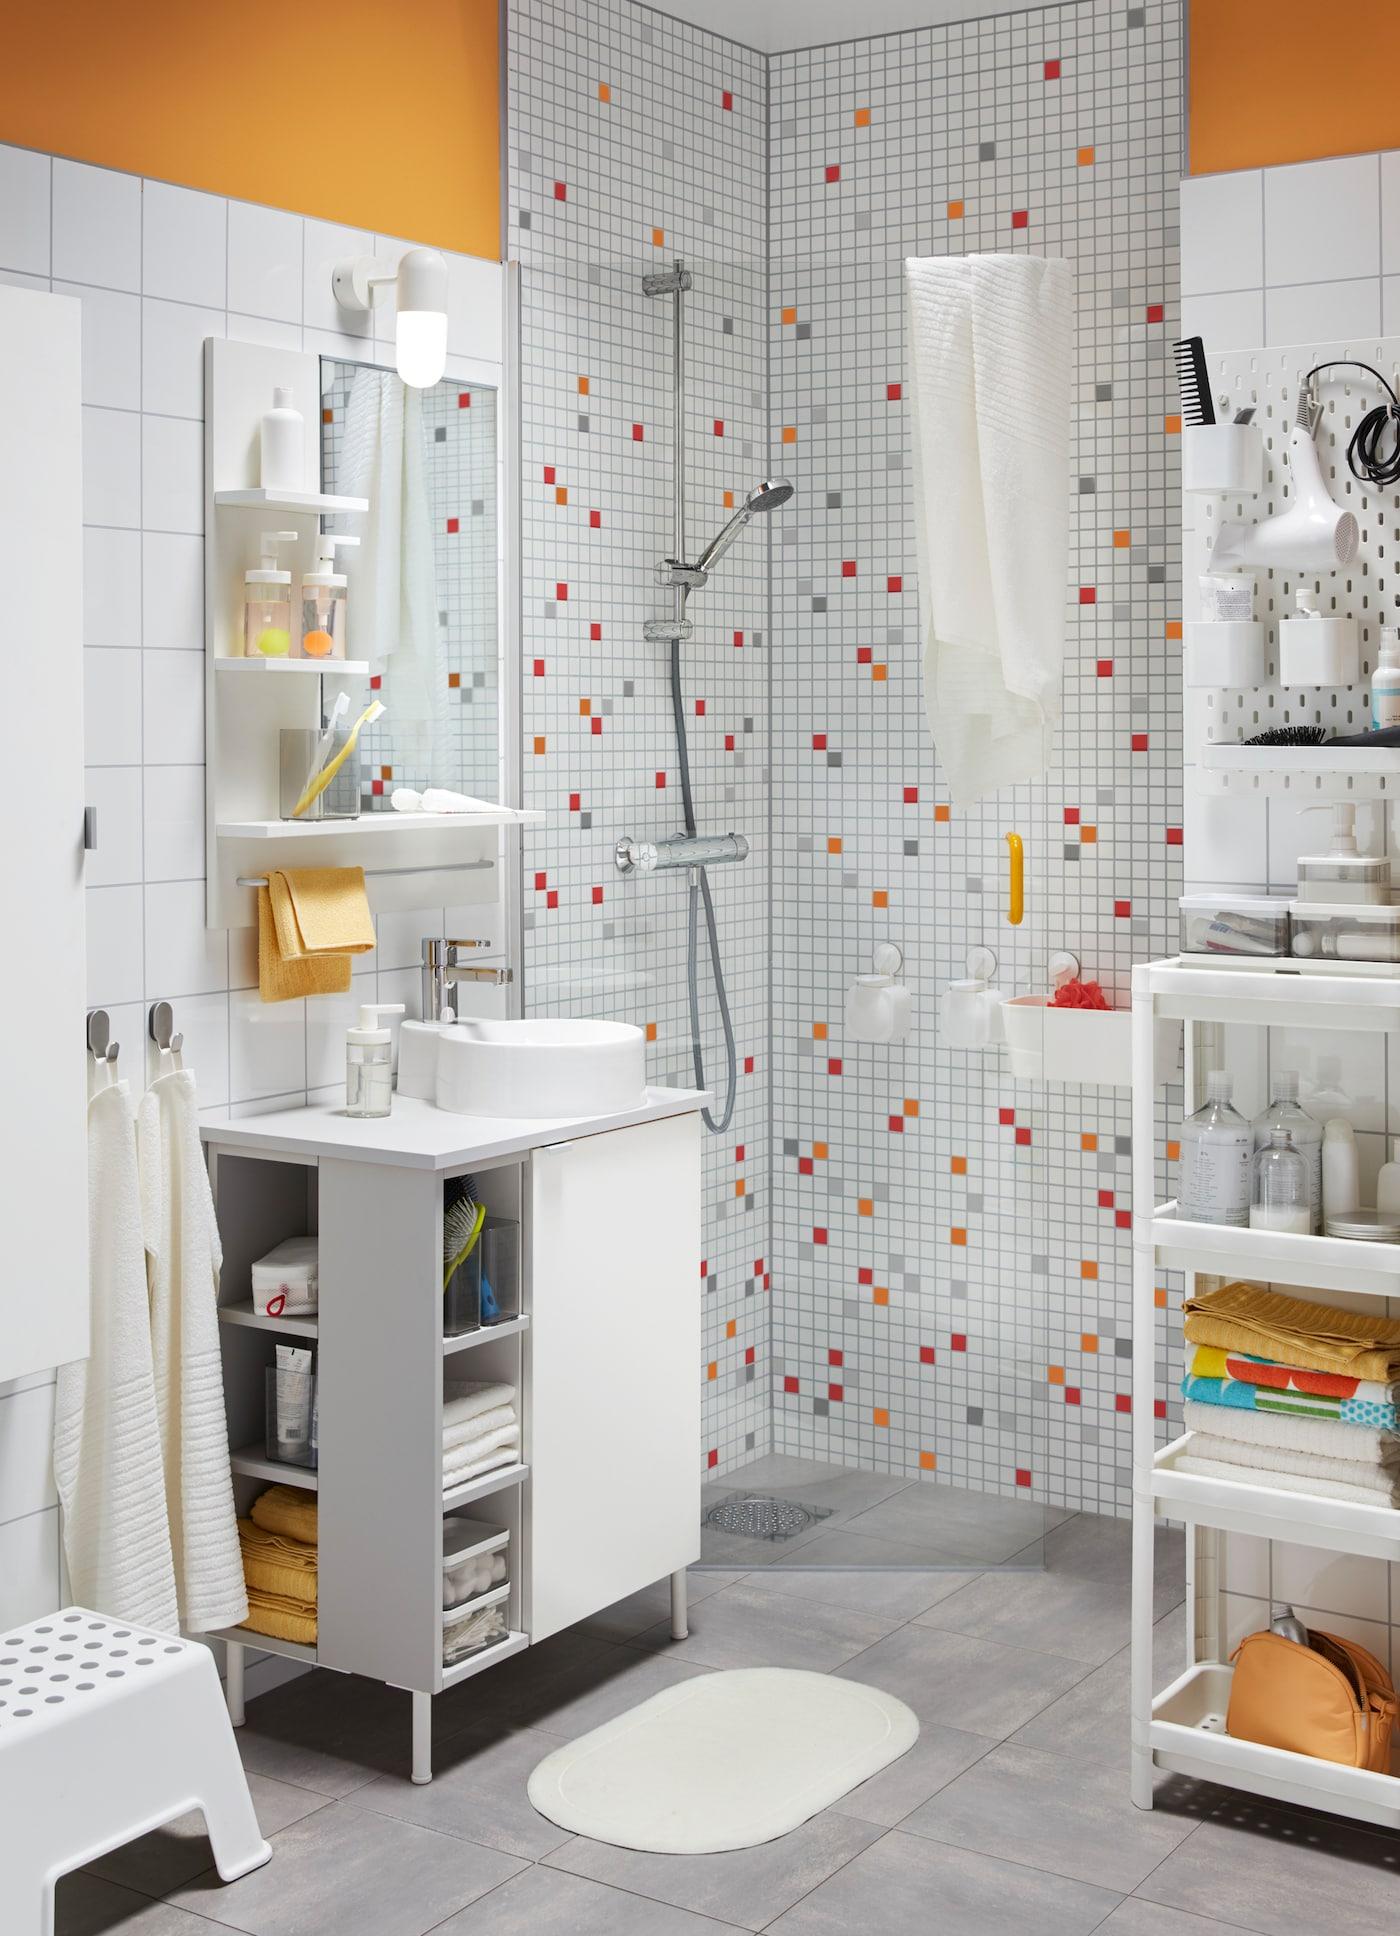 Lapset ja heidän kaverinsa pitävät pienestä ja värikkäästä kylpyhuoneesta. IKEA LILLÅNGEN kylpyhuonekalusteet, käytännöllinen SKÅDIS säilytystaulu ja STUGVIK imukuppikoukut, jotka eivät vaadi poraamista.